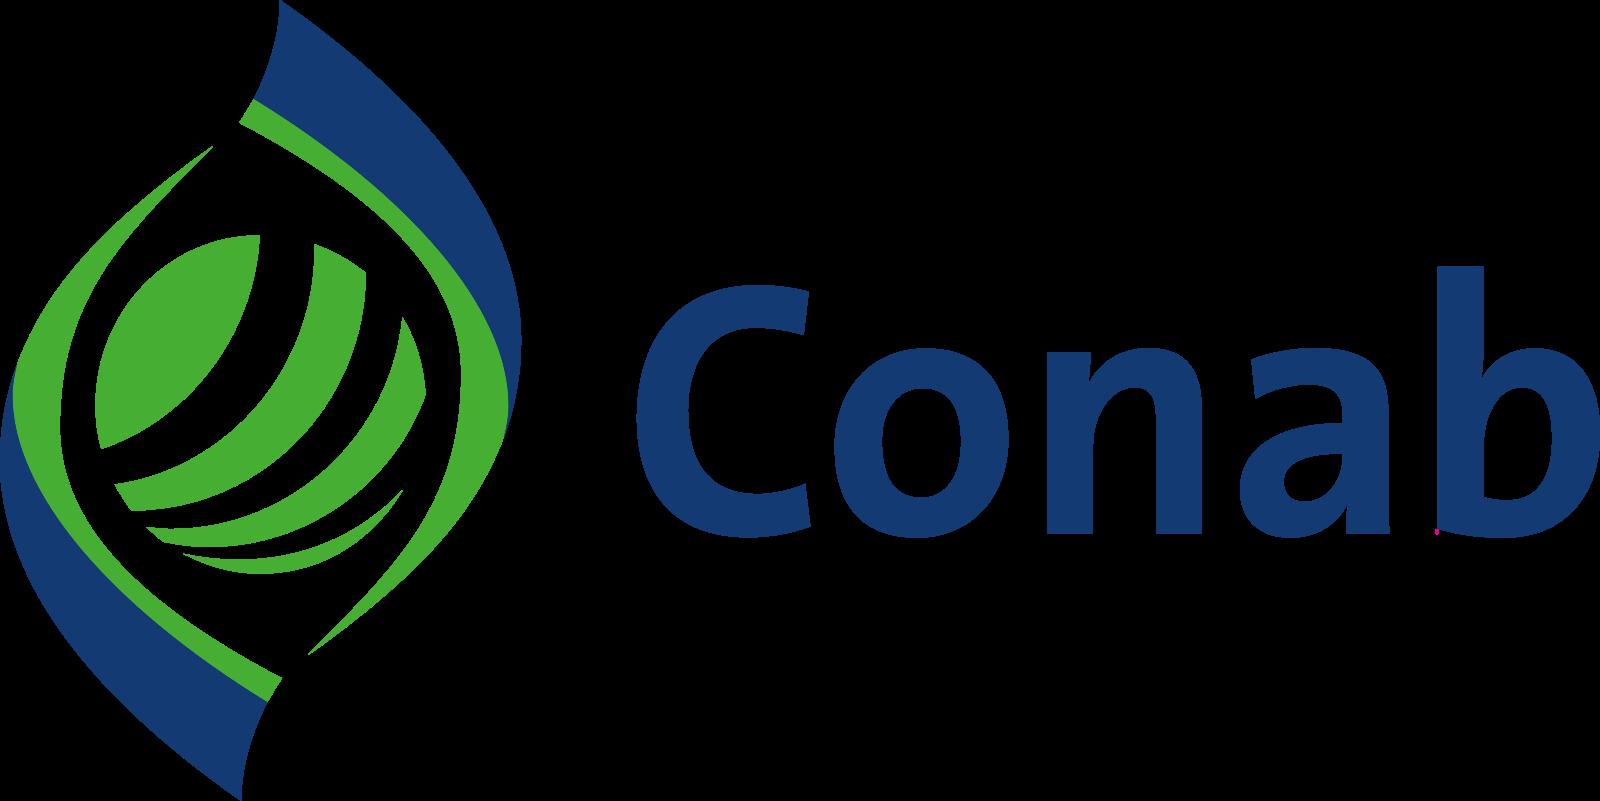 conab logo 4 - Conab Logo - Companhia Nacional de Abastecimento Logo